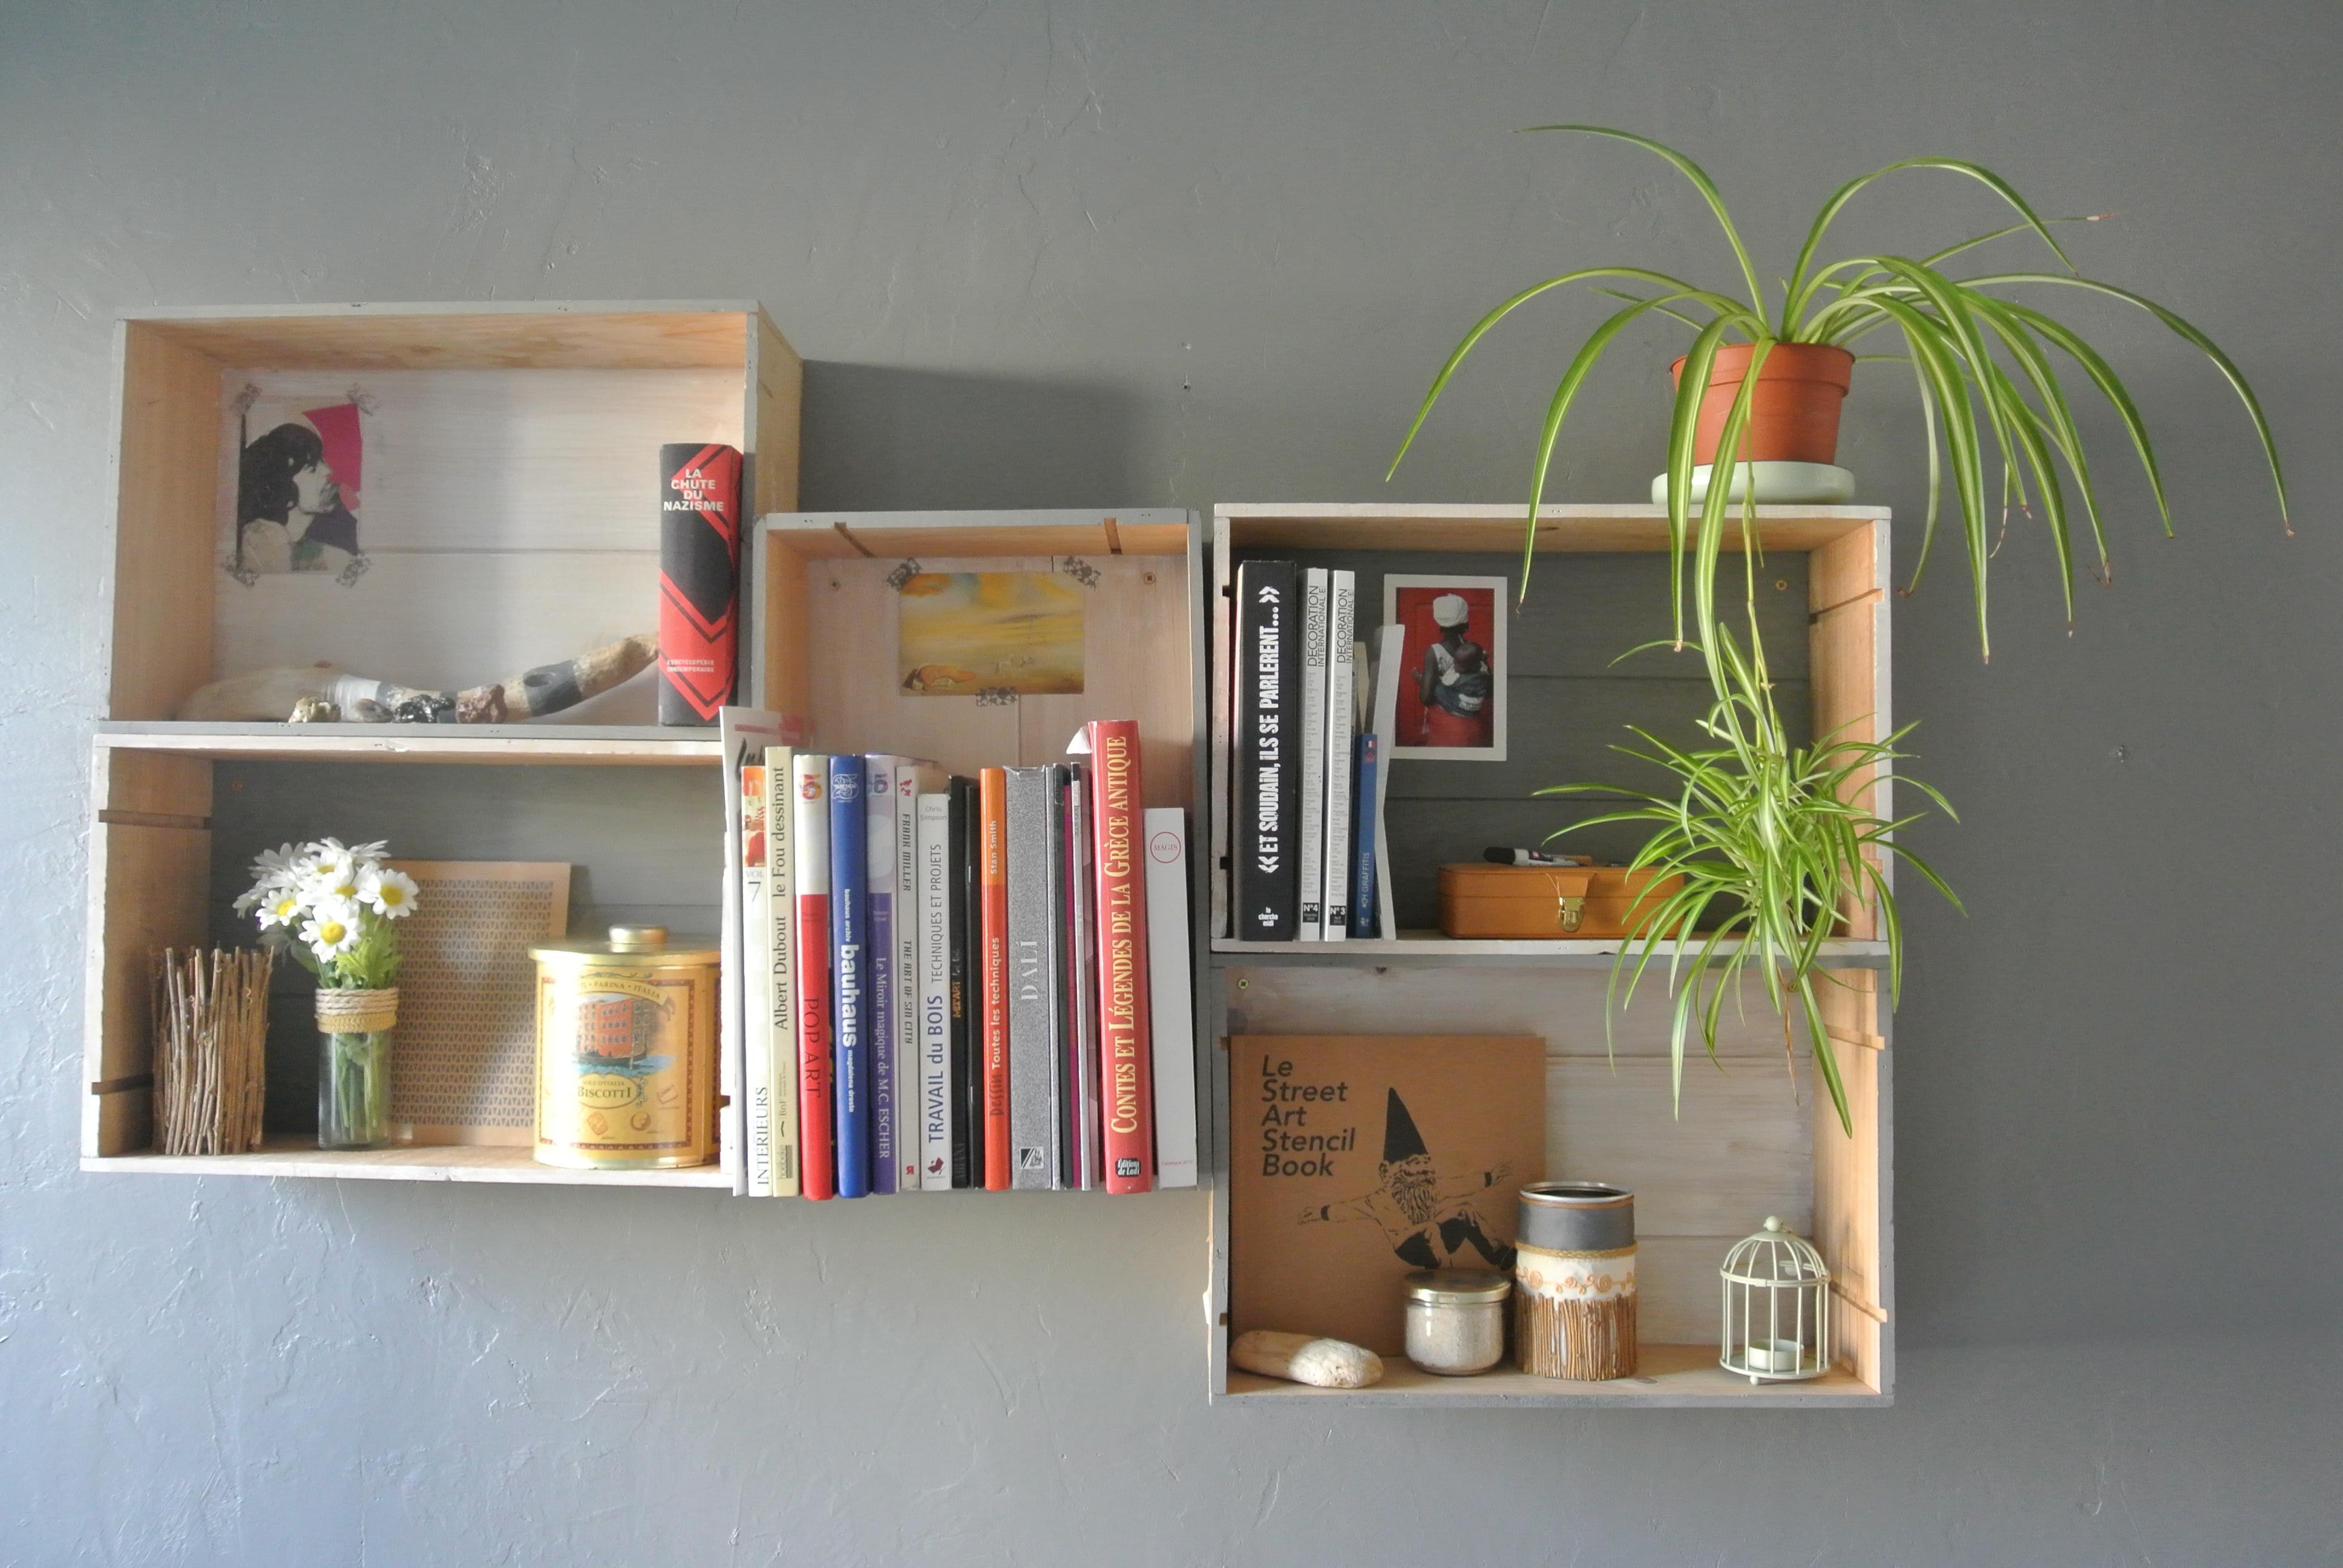 Ripiani In Legno Fai Da Te : Mensole fai da te con cassette di legno!20 idee per ispirarvi